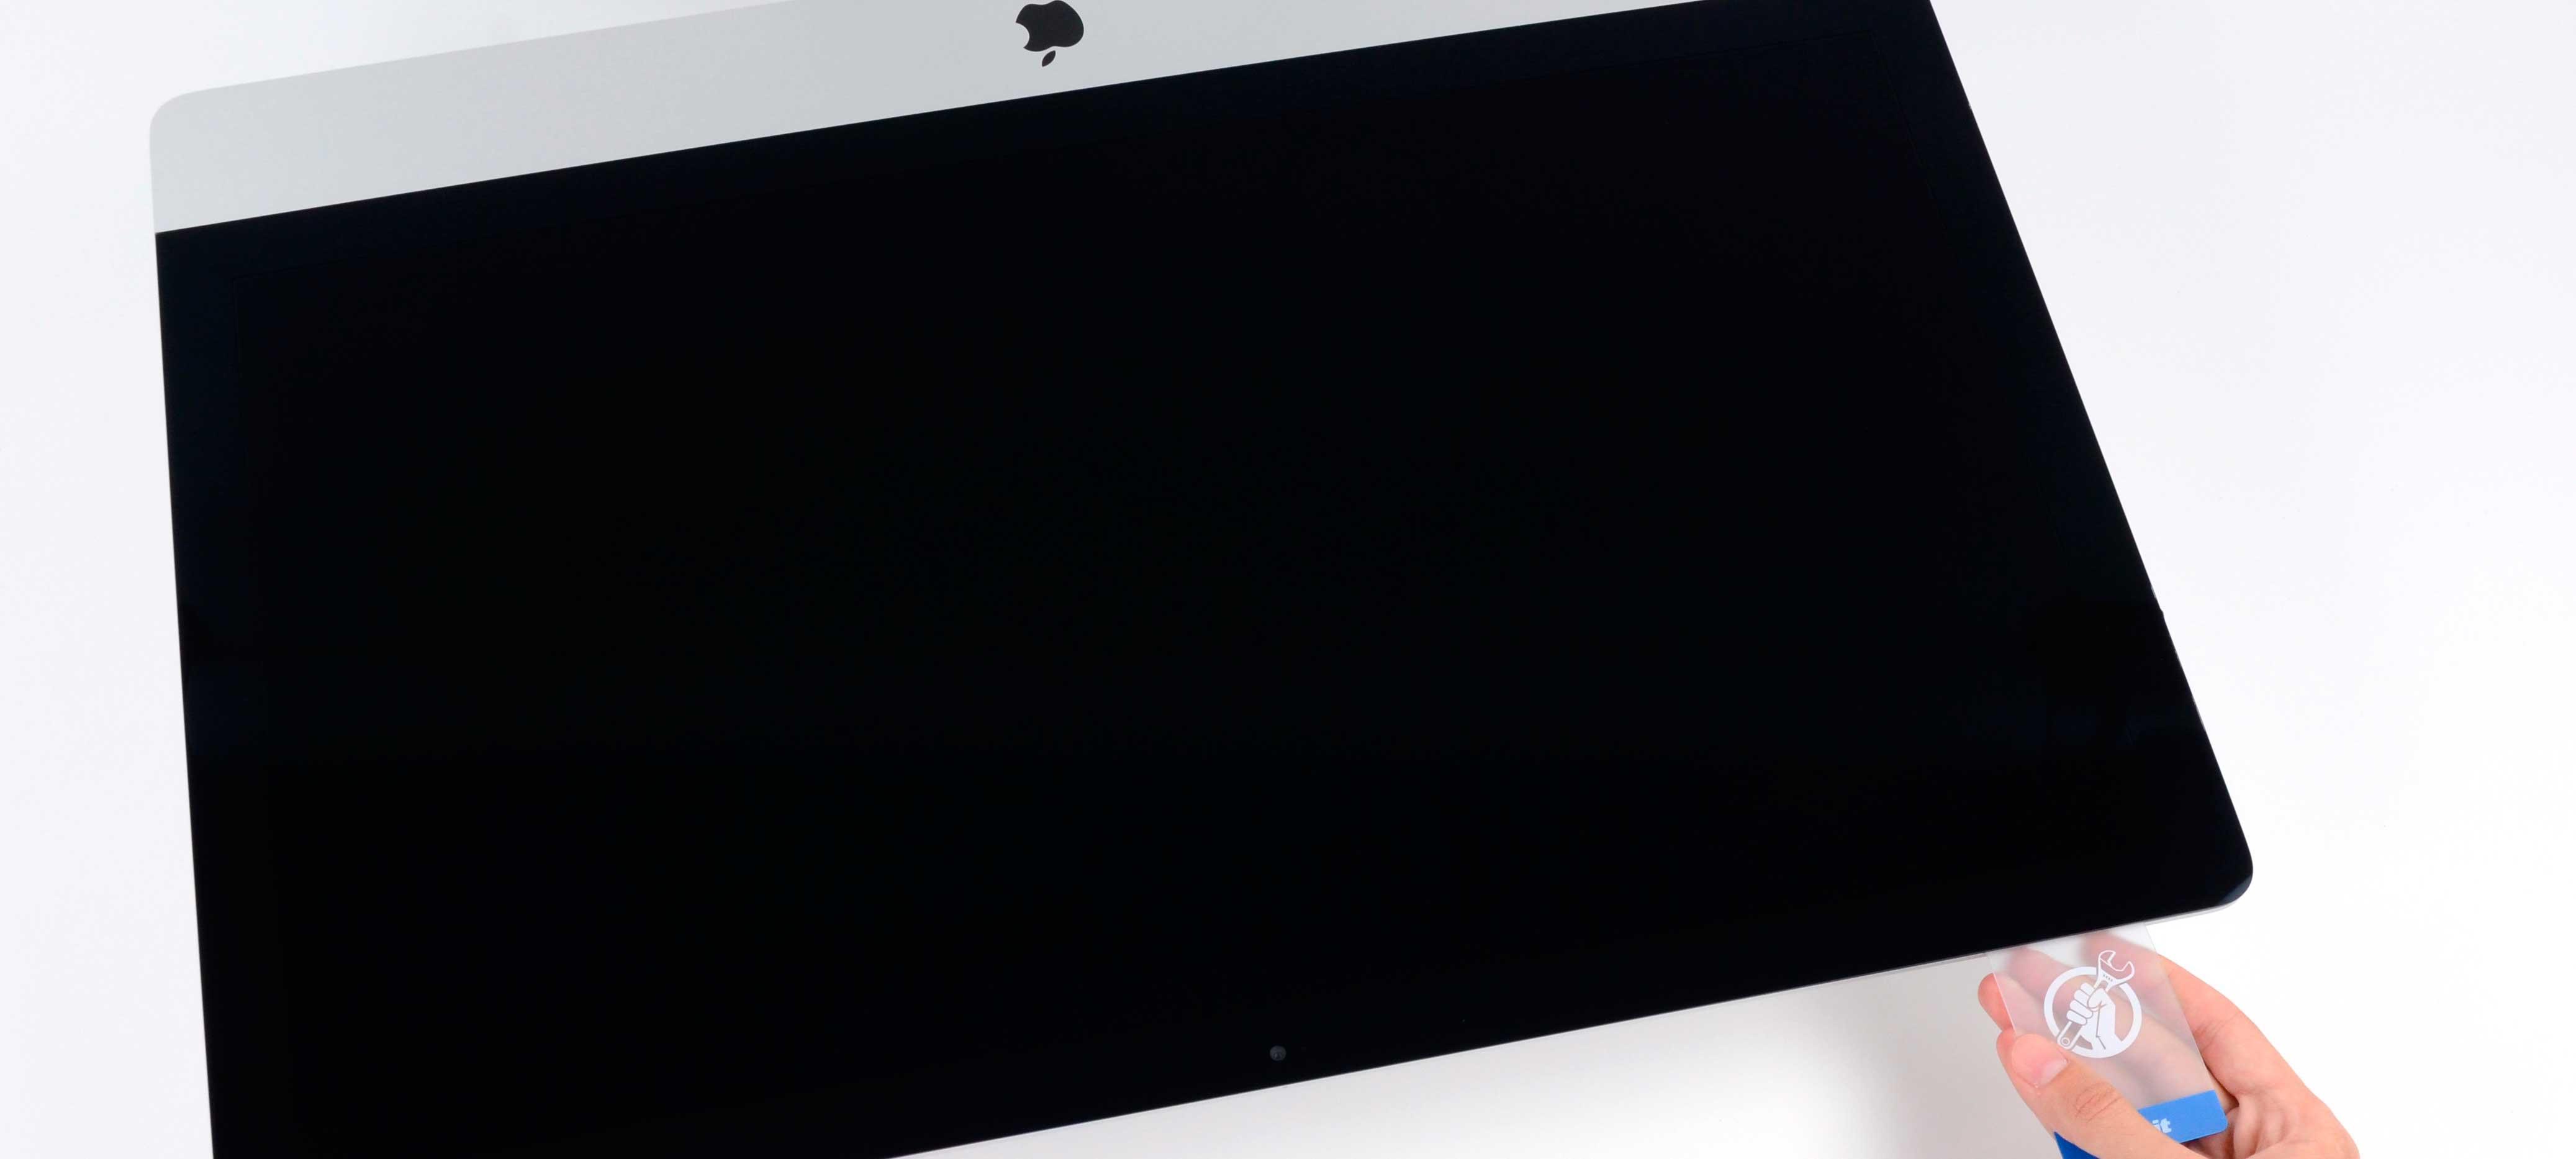 Какая матрица iMac 27